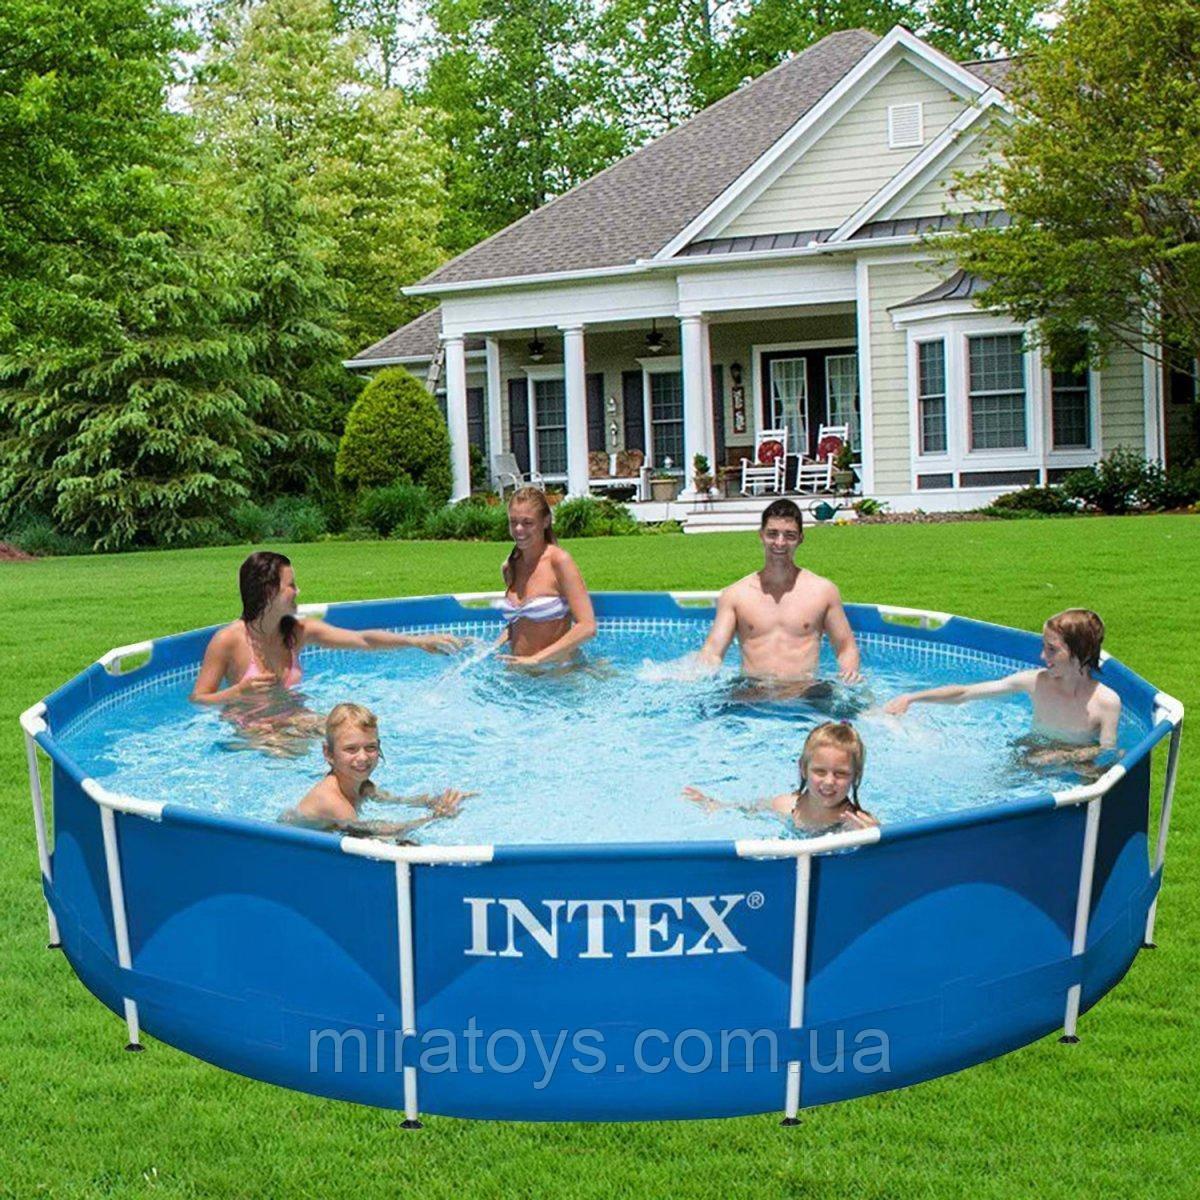 ✅Каркасный бассейн Intex 28212, 366 x 76 см (2 006 л/ч) + насос-фильтр